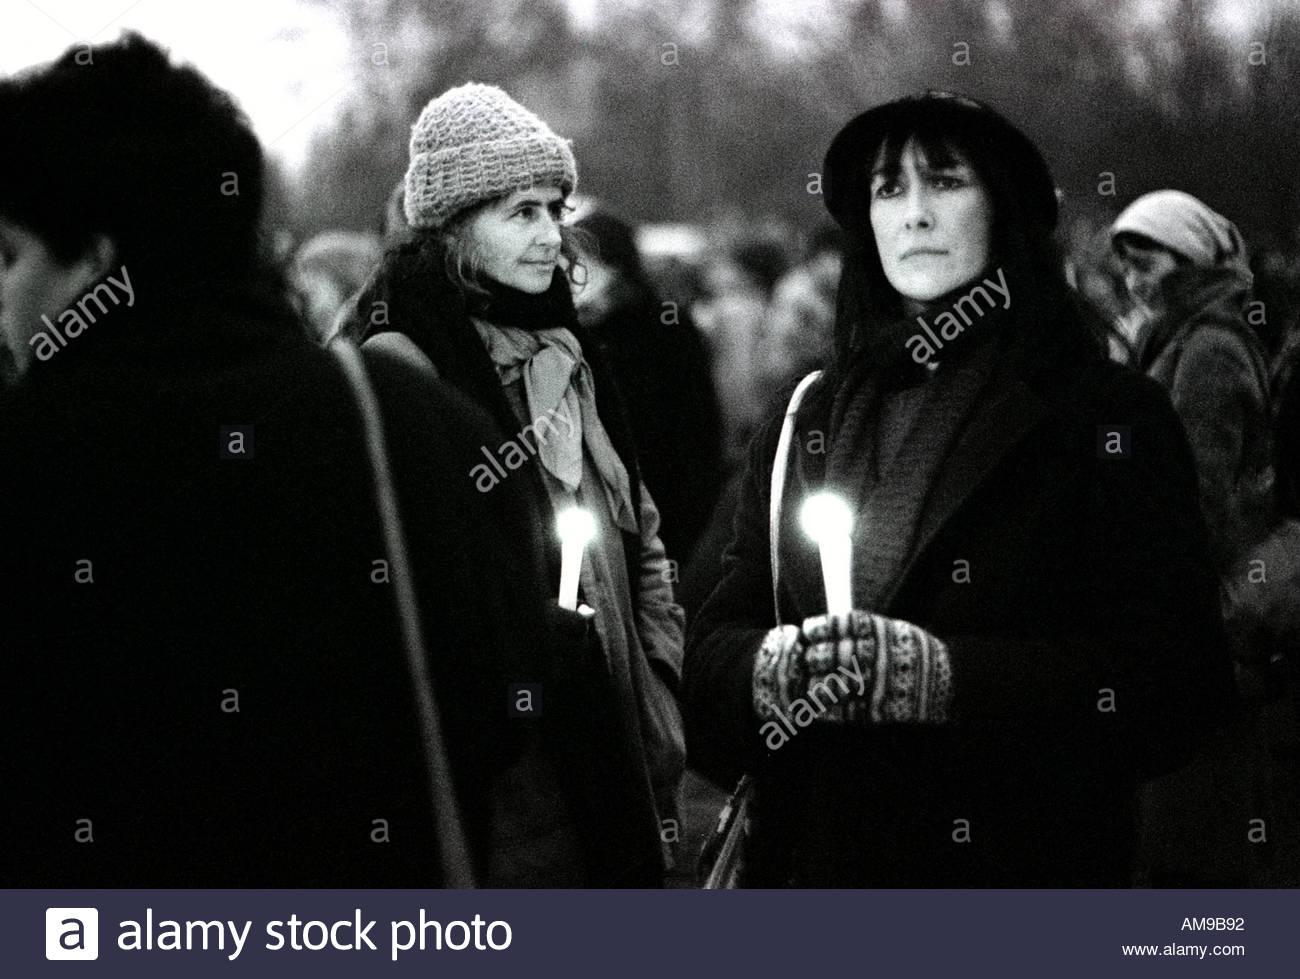 Manifestation aux chandelles à Greenham Common base aérienne américaine dans le Berkshire 1984. Photo Stock